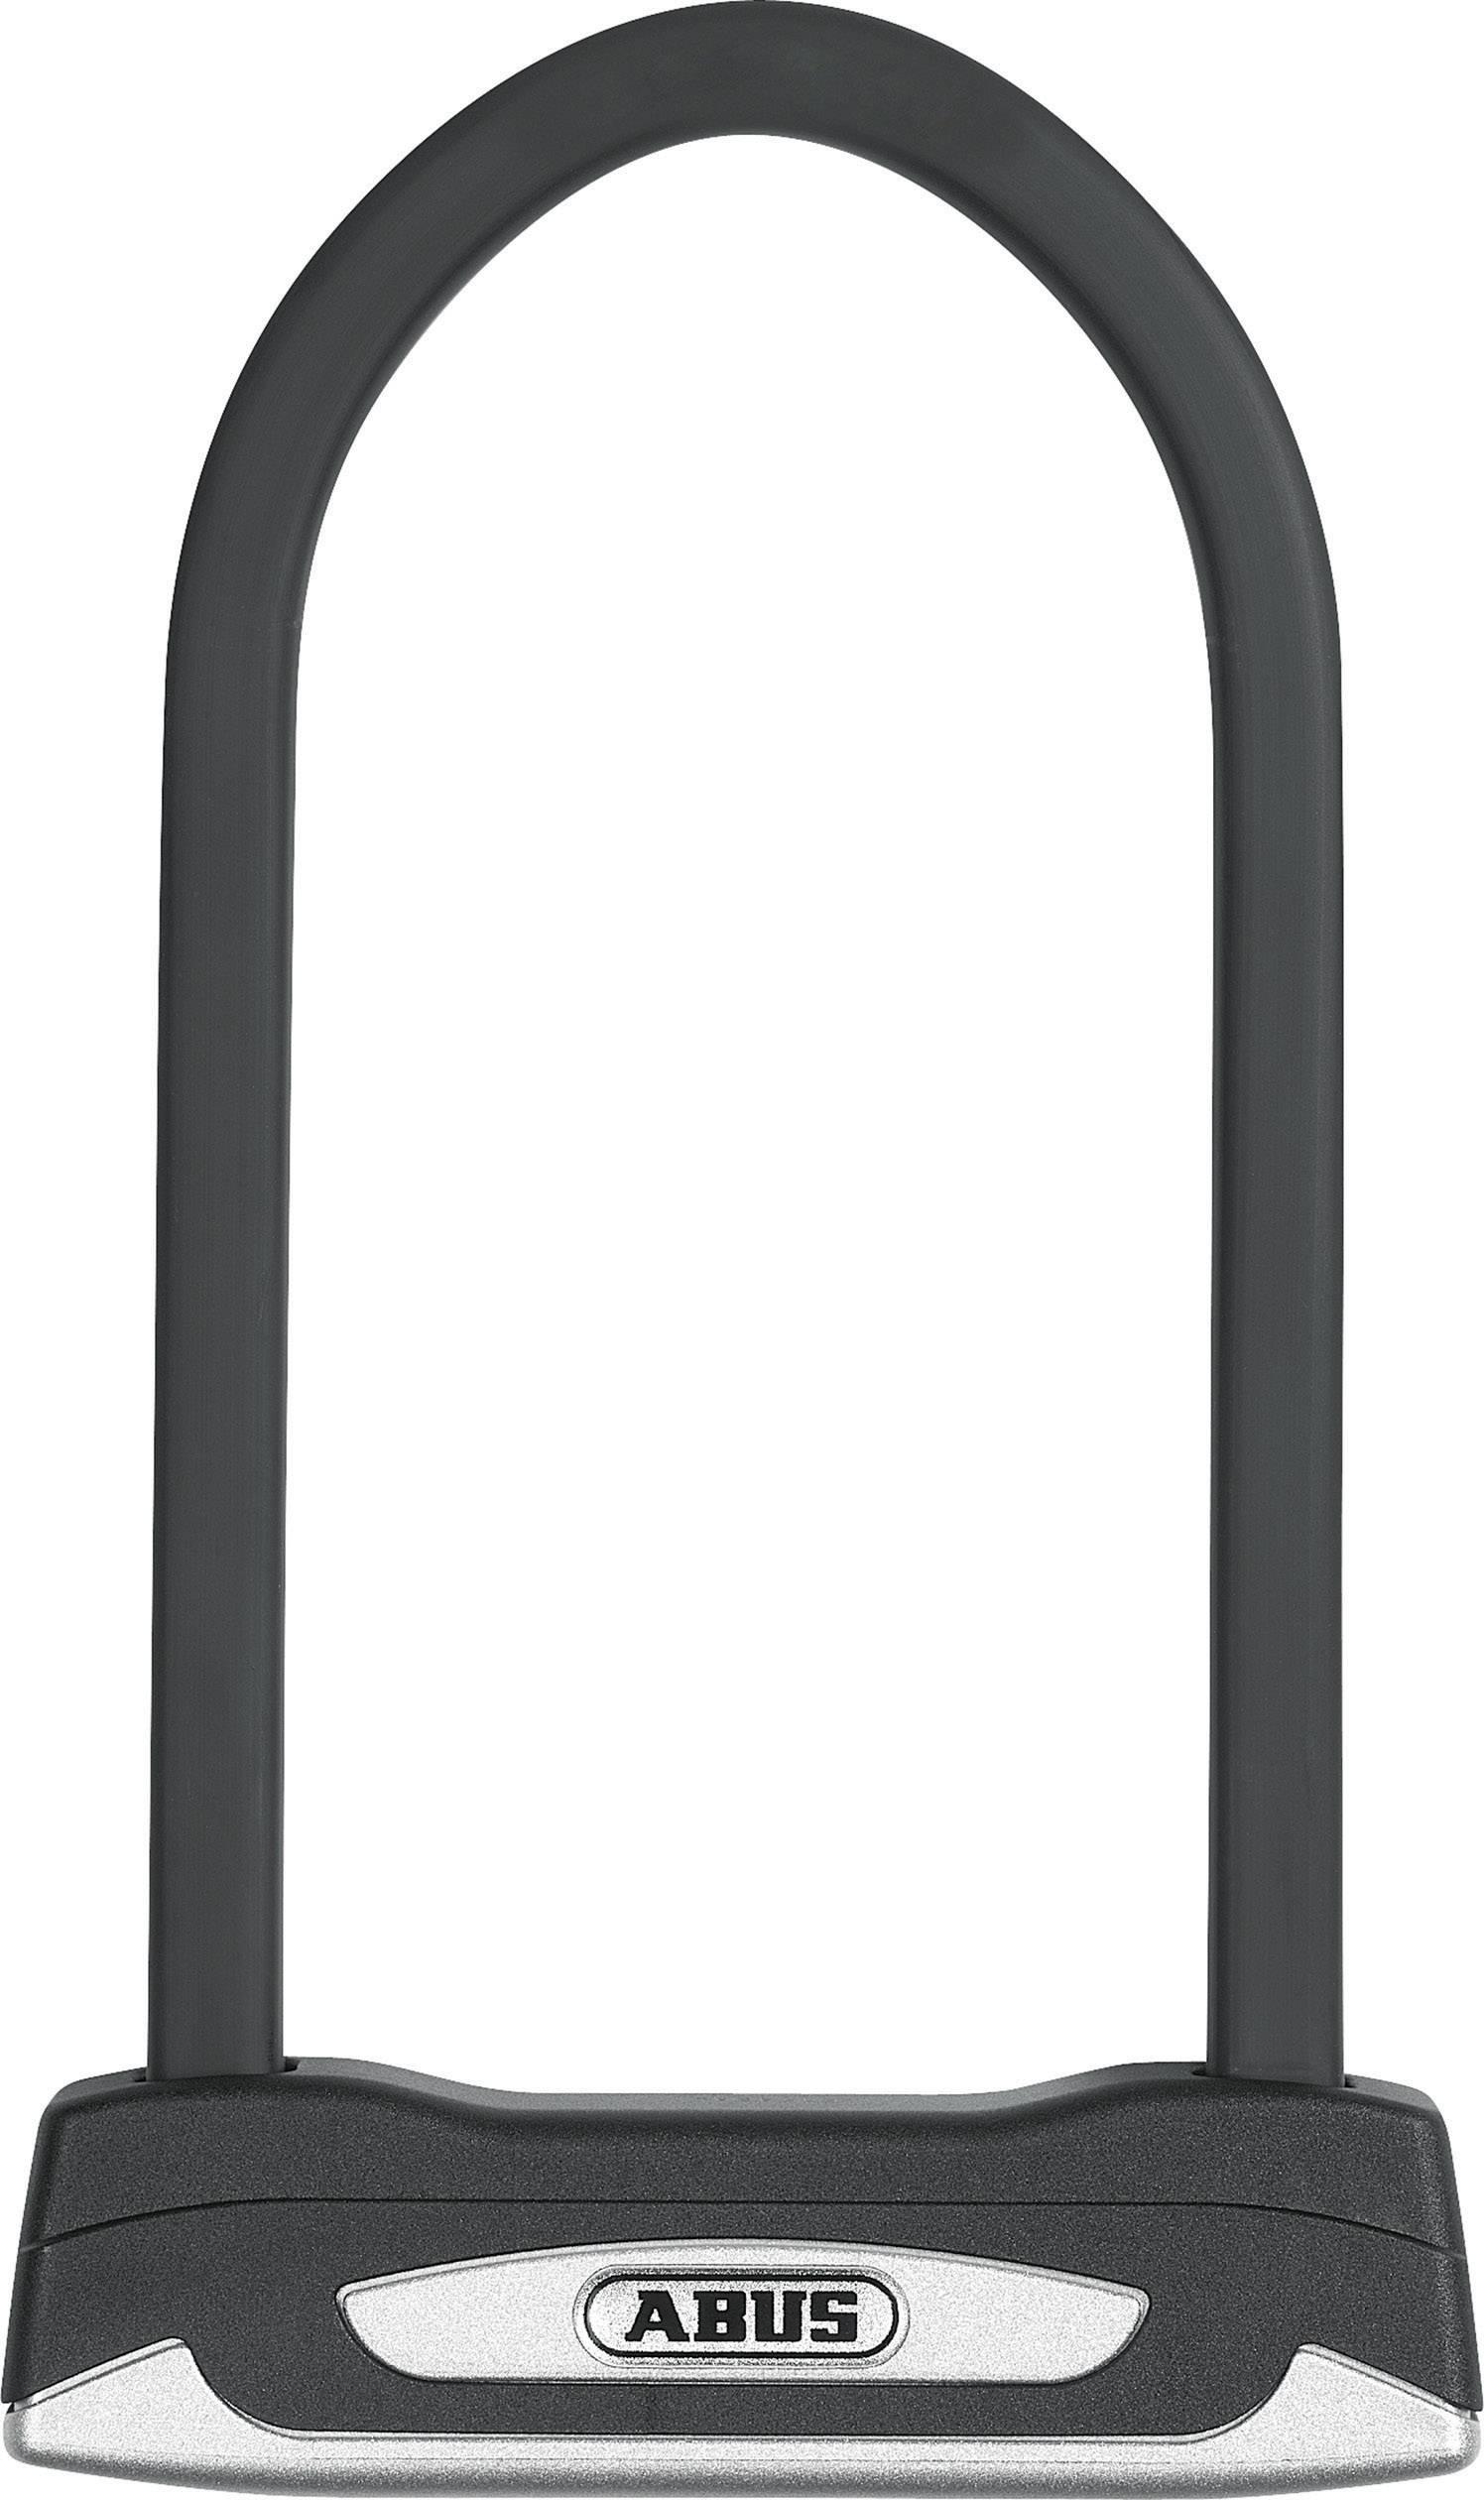 U zámok ABUS 54/160HB230 + USH, (Ø x d) 13 mm x 230 mm, čierna